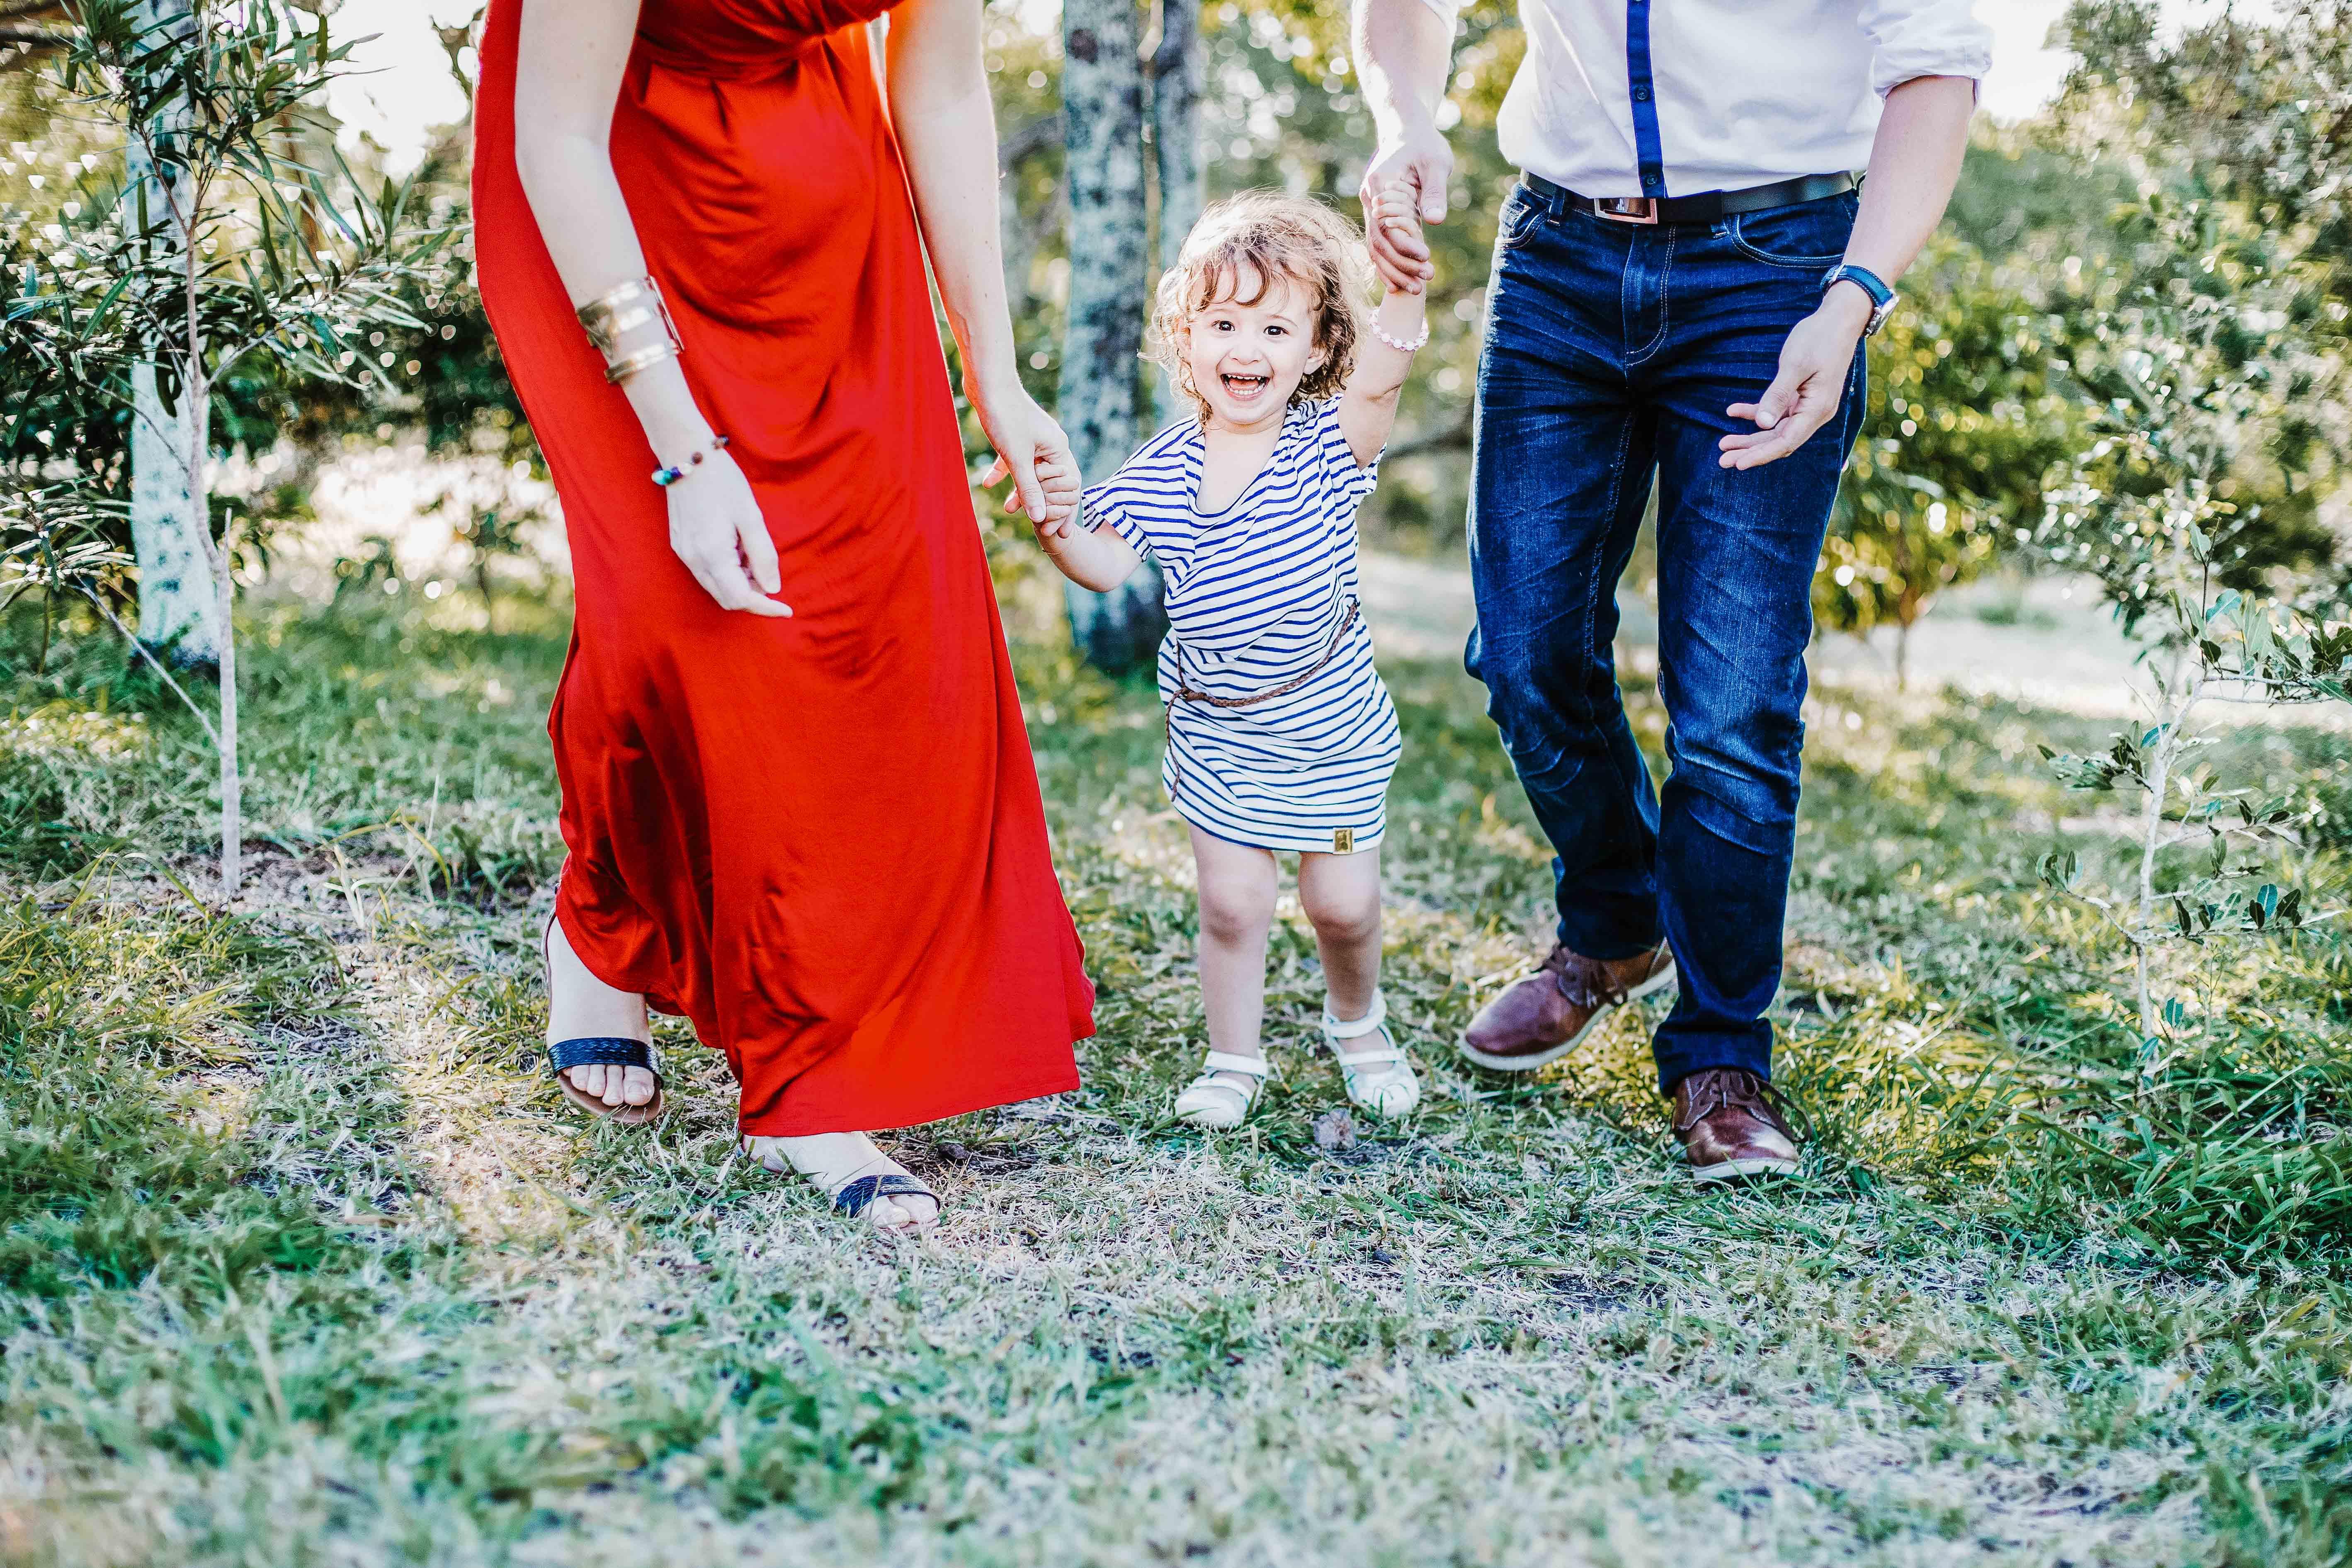 séance photo famille lifestyle en extérieur. Les parents aident la petite fille à marcher, ils lui tiennent la main et marchent dans l'herbe